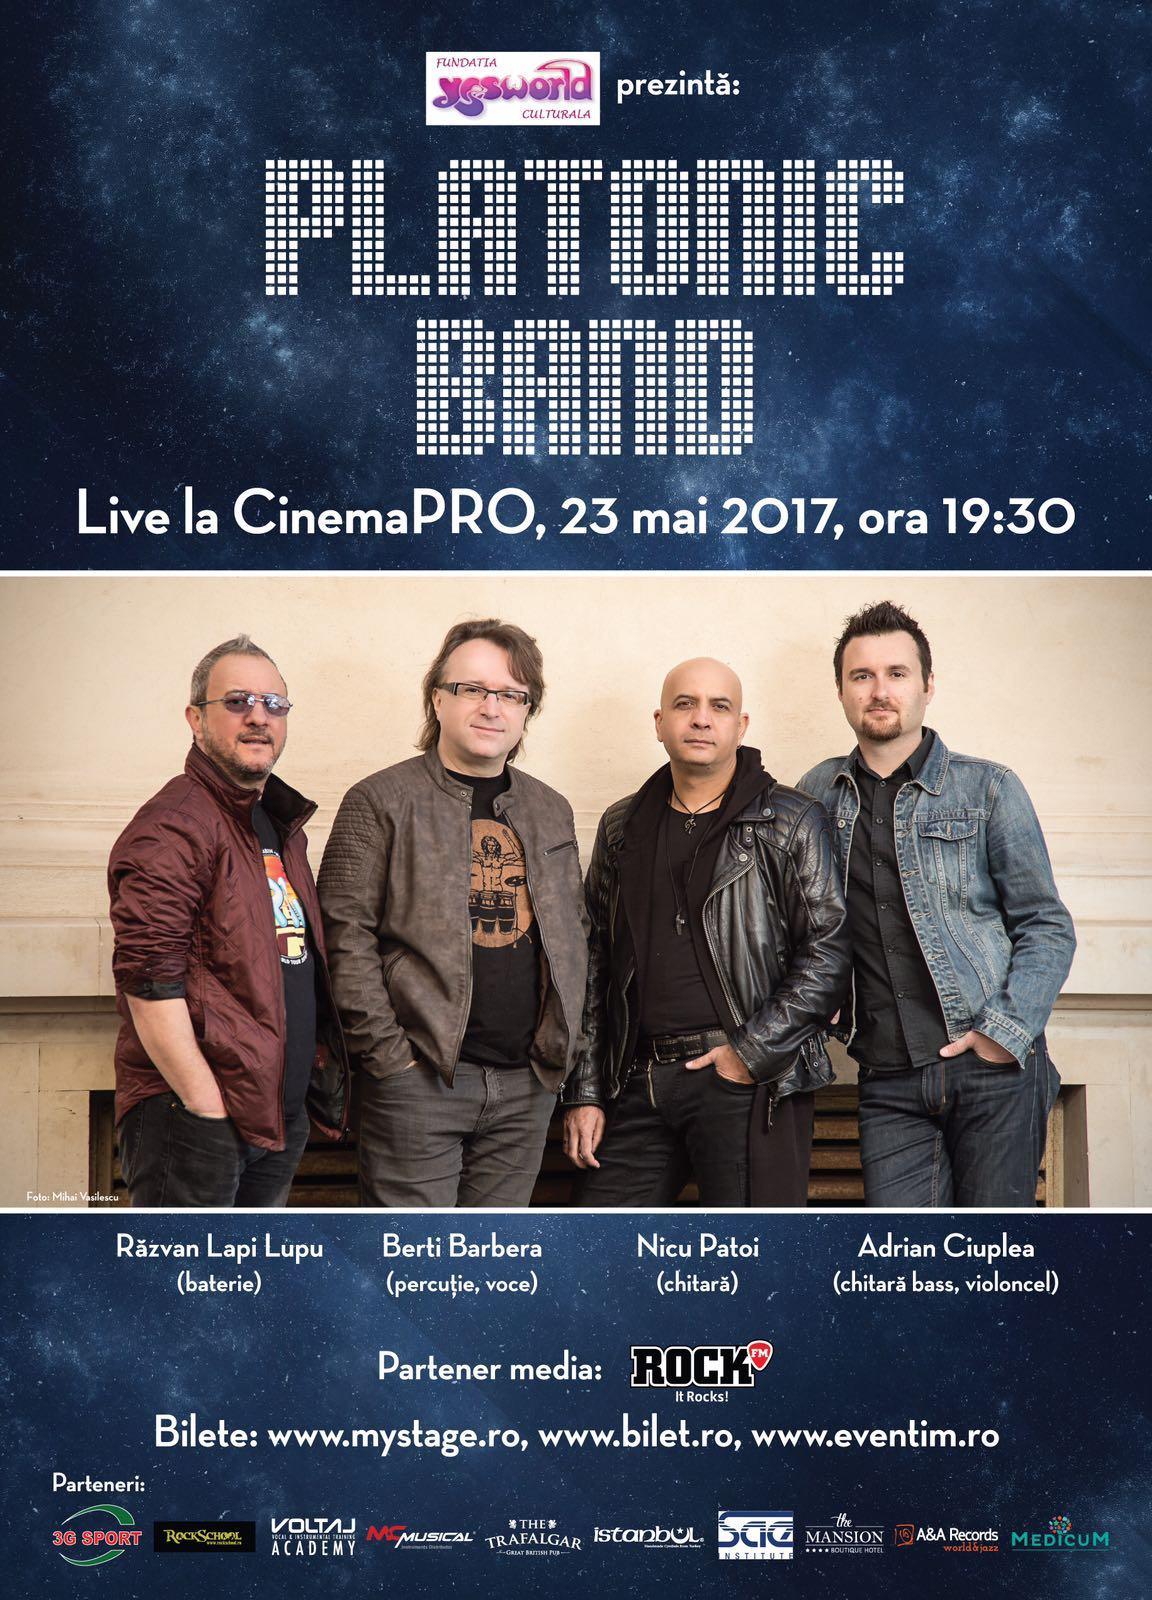 PLATONIC BAND: LIVE @ CinemaPRO, 23 Mai 2017